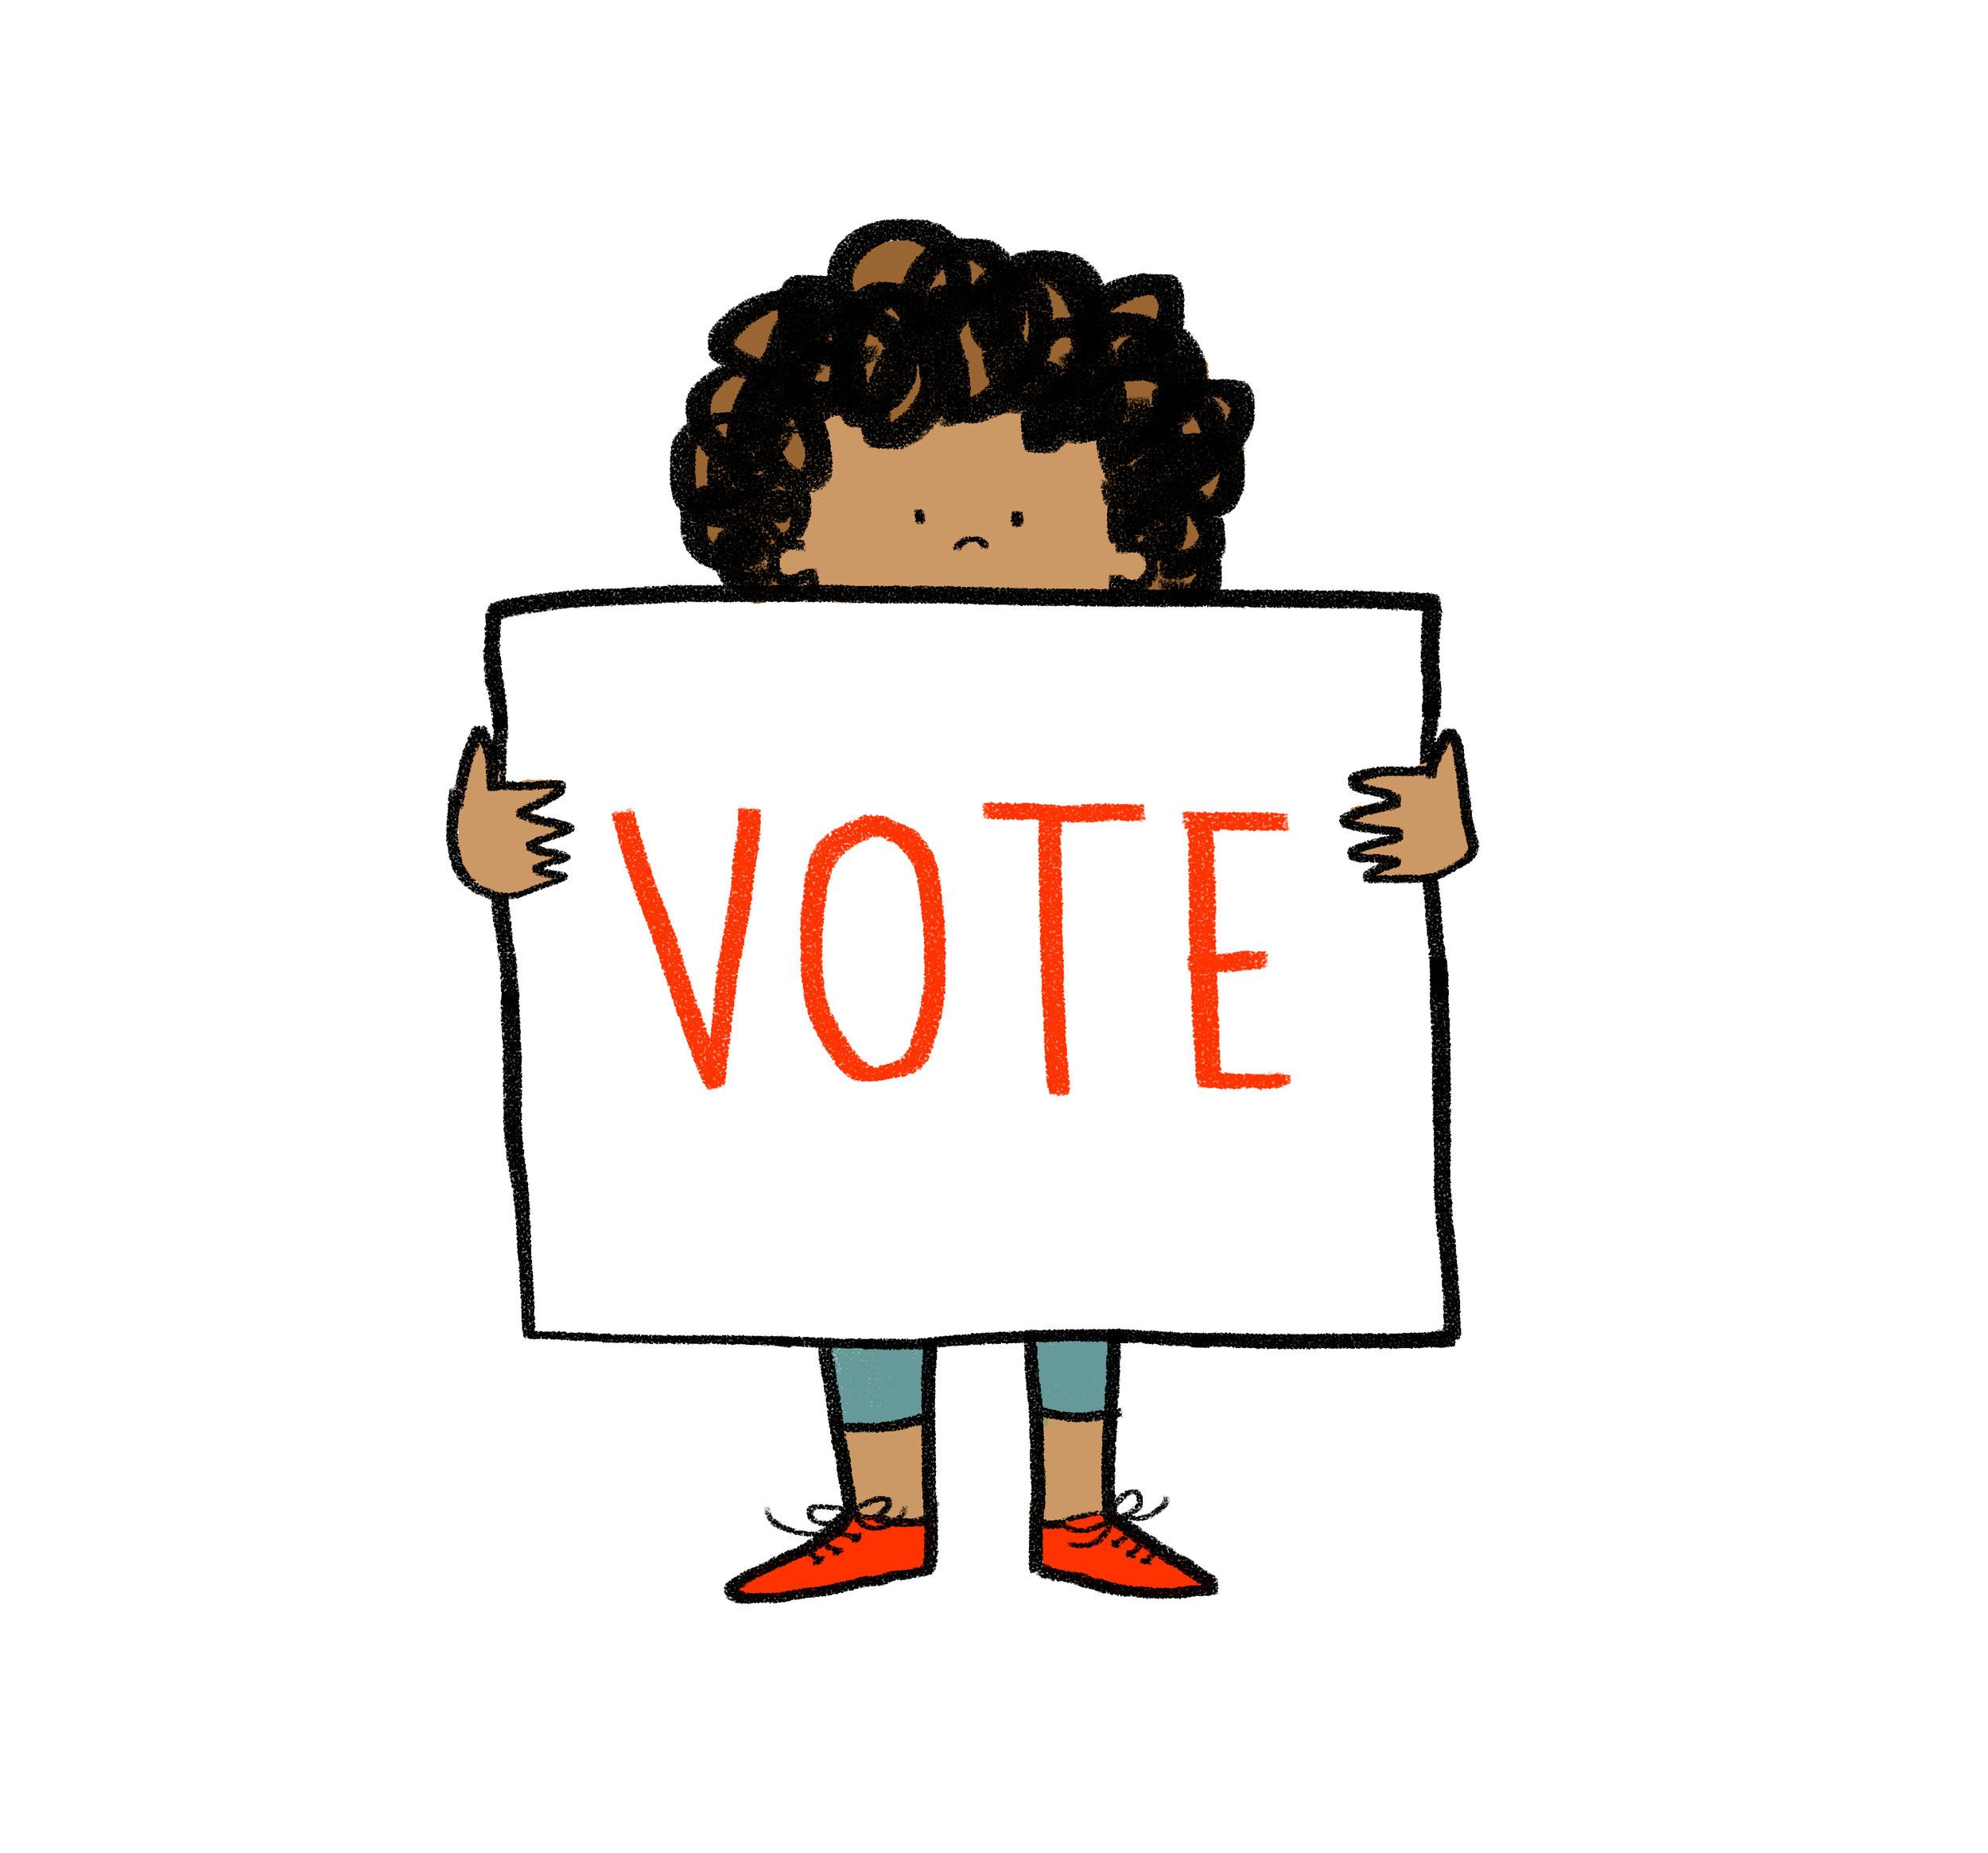 VOTE-6.jpg